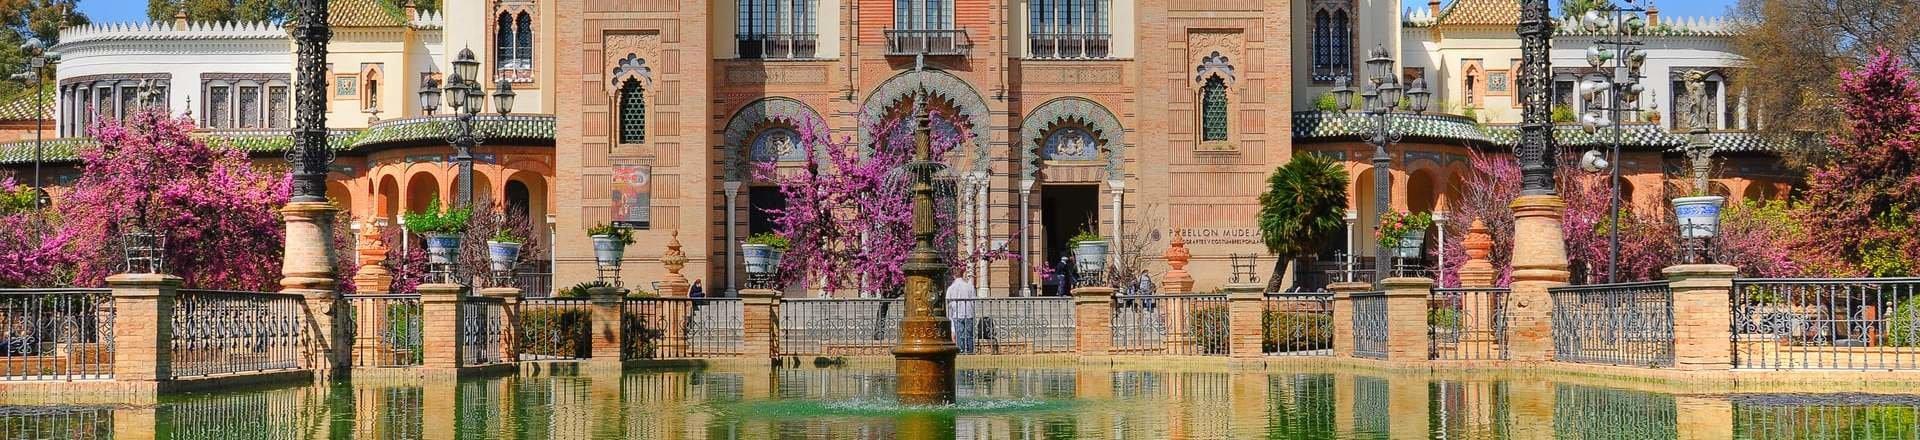 Hoteles en sevilla baratos desde 383 destinia for Hoteles baratos en sevilla con piscina